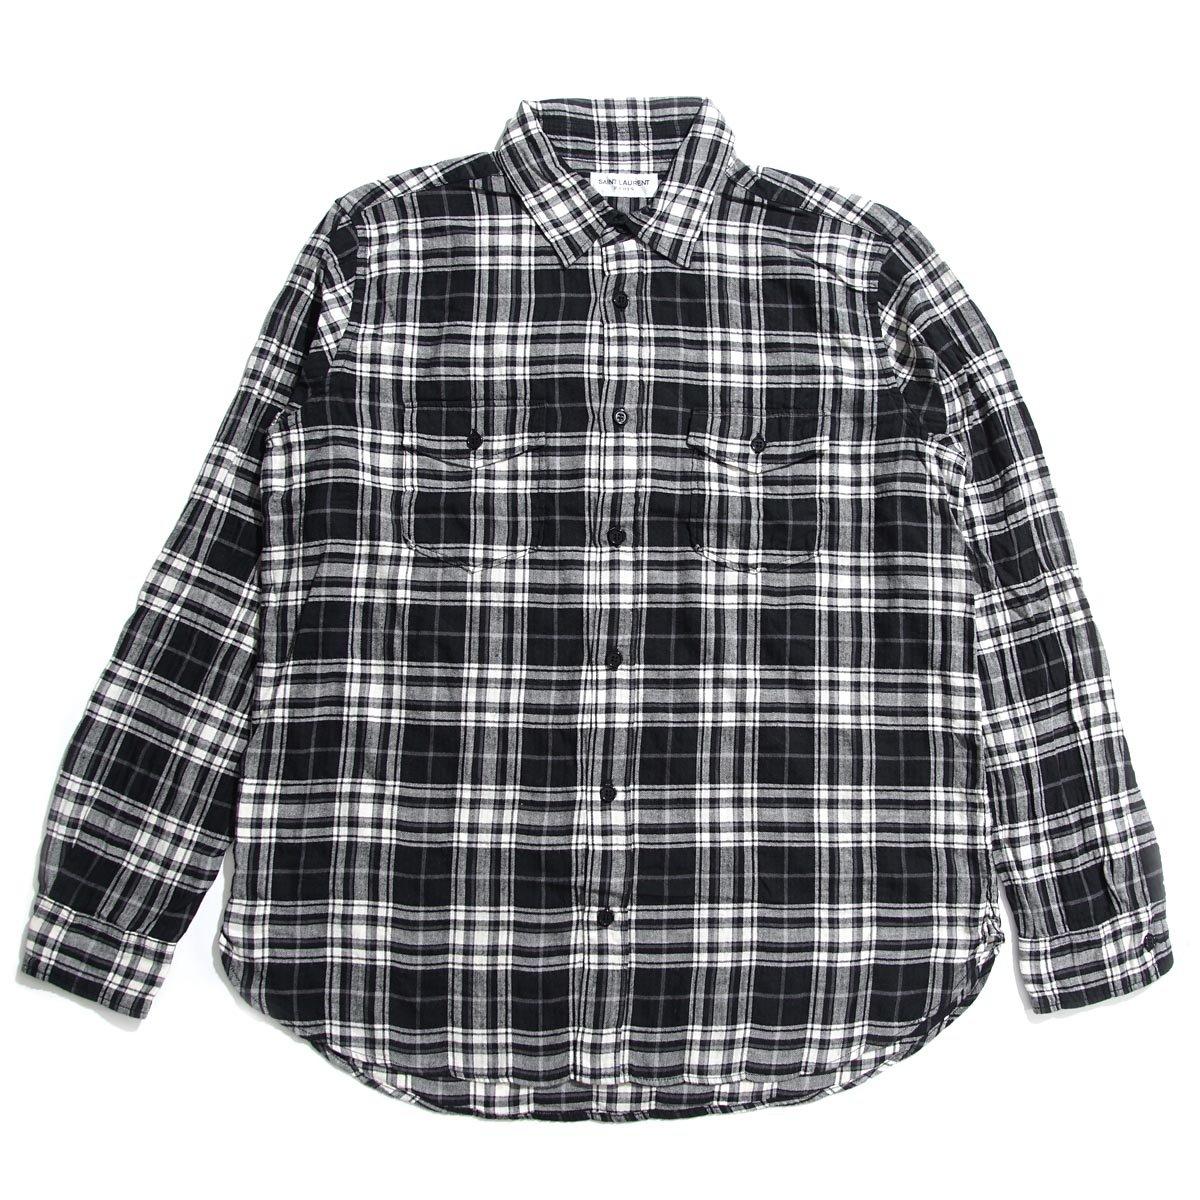 (サンローランパリ) SAINT LAURENT PARIS チェック柄 オーバーサイズ シャツ [並行輸入品] B07DVQ35S2 S|ブラック ブラック S